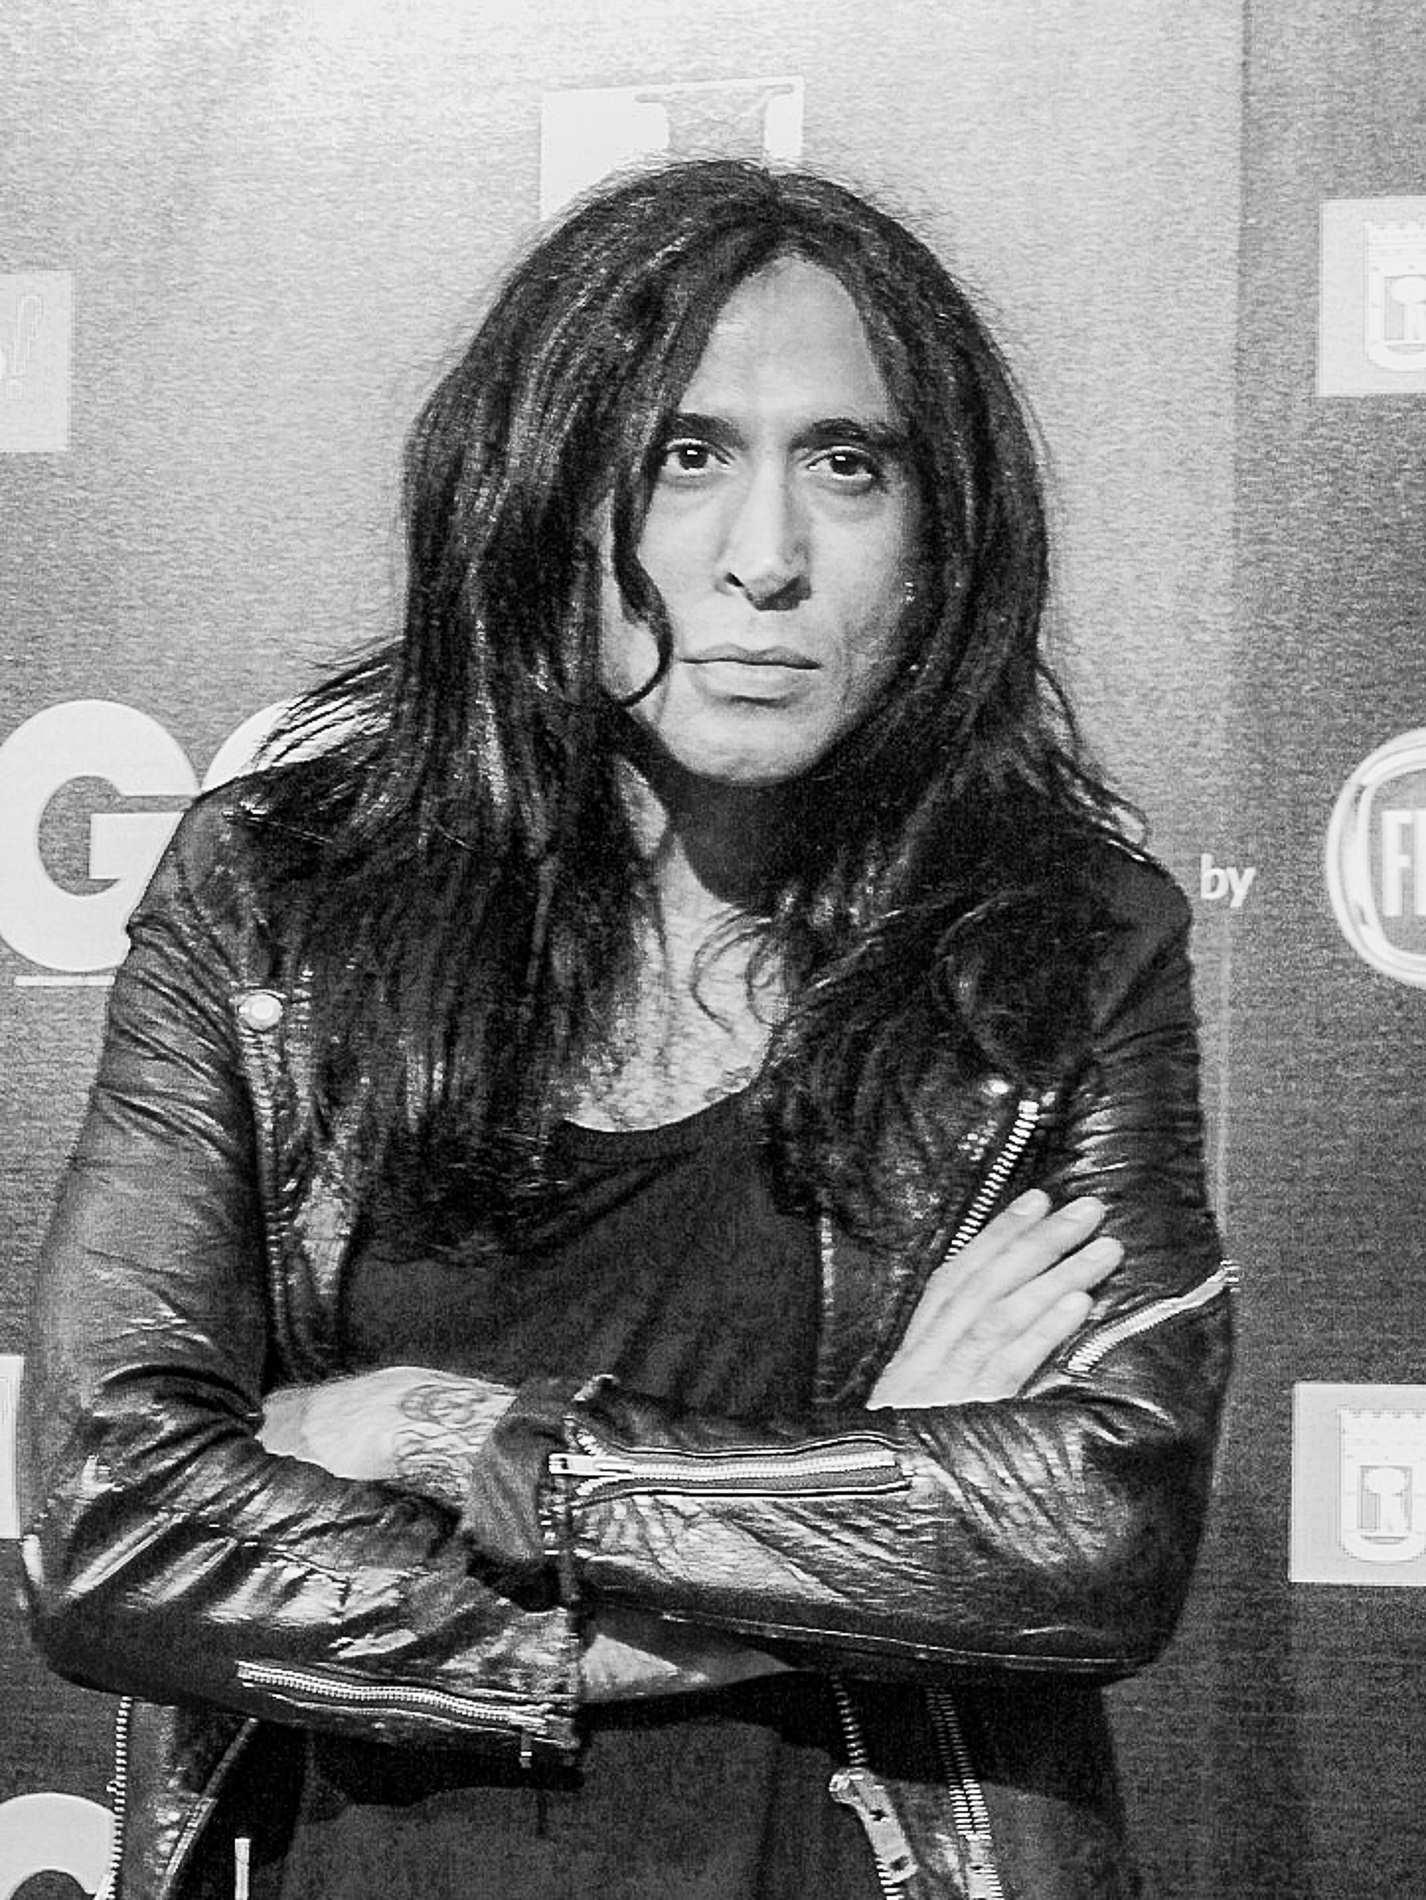 Mario Vaquerizo - mánager, escritor, cantante y colaborador RTV